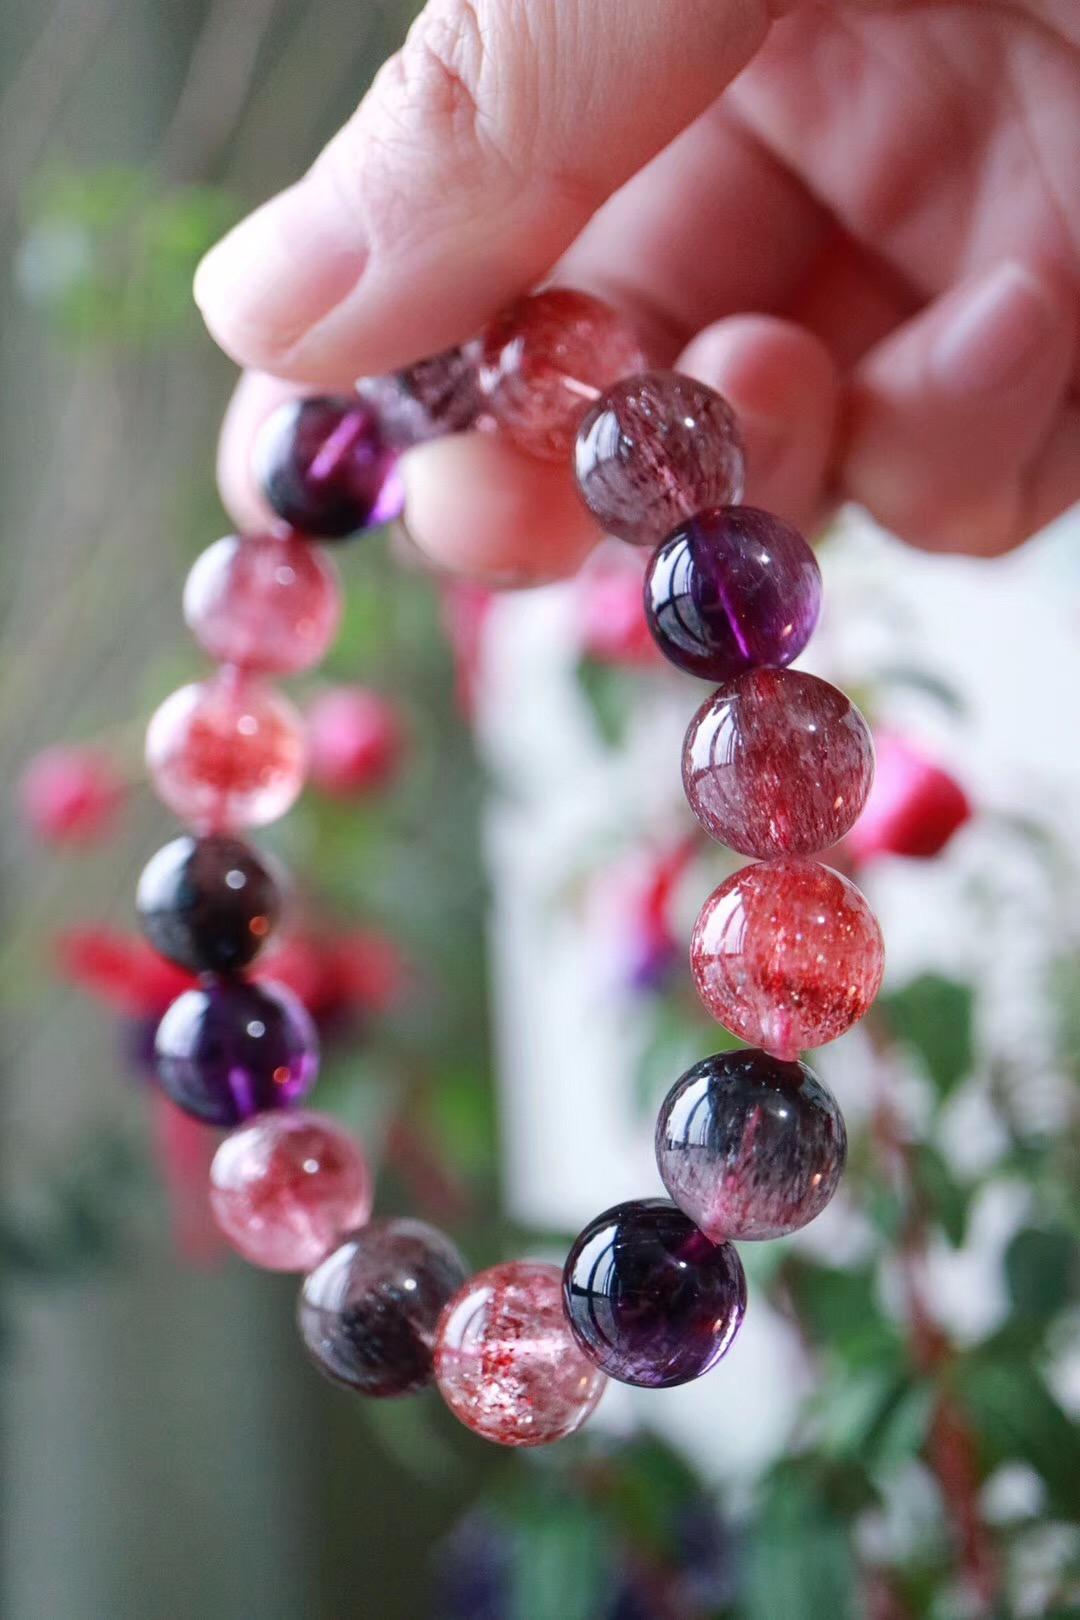 【菩心 | 超七紫发晶】能够一次性平衡、活化所有脉轮的晶石-菩心晶舍